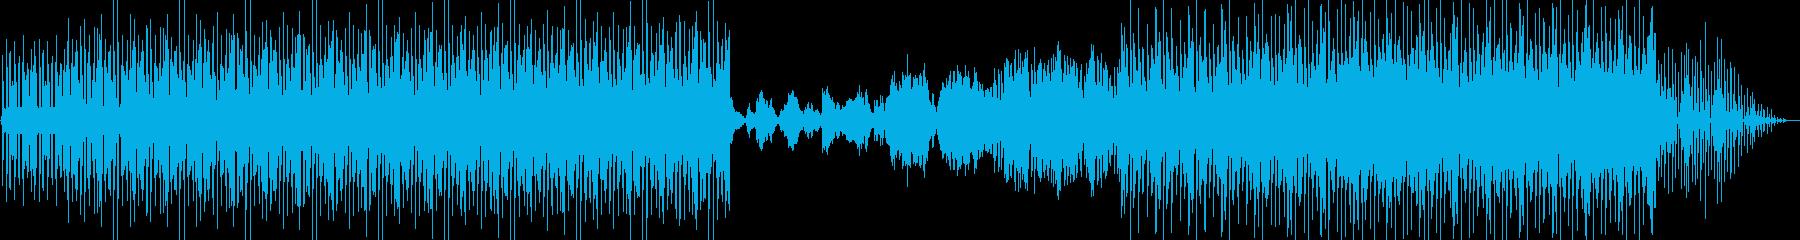 ファンクとテクノが融合したクールな曲の再生済みの波形